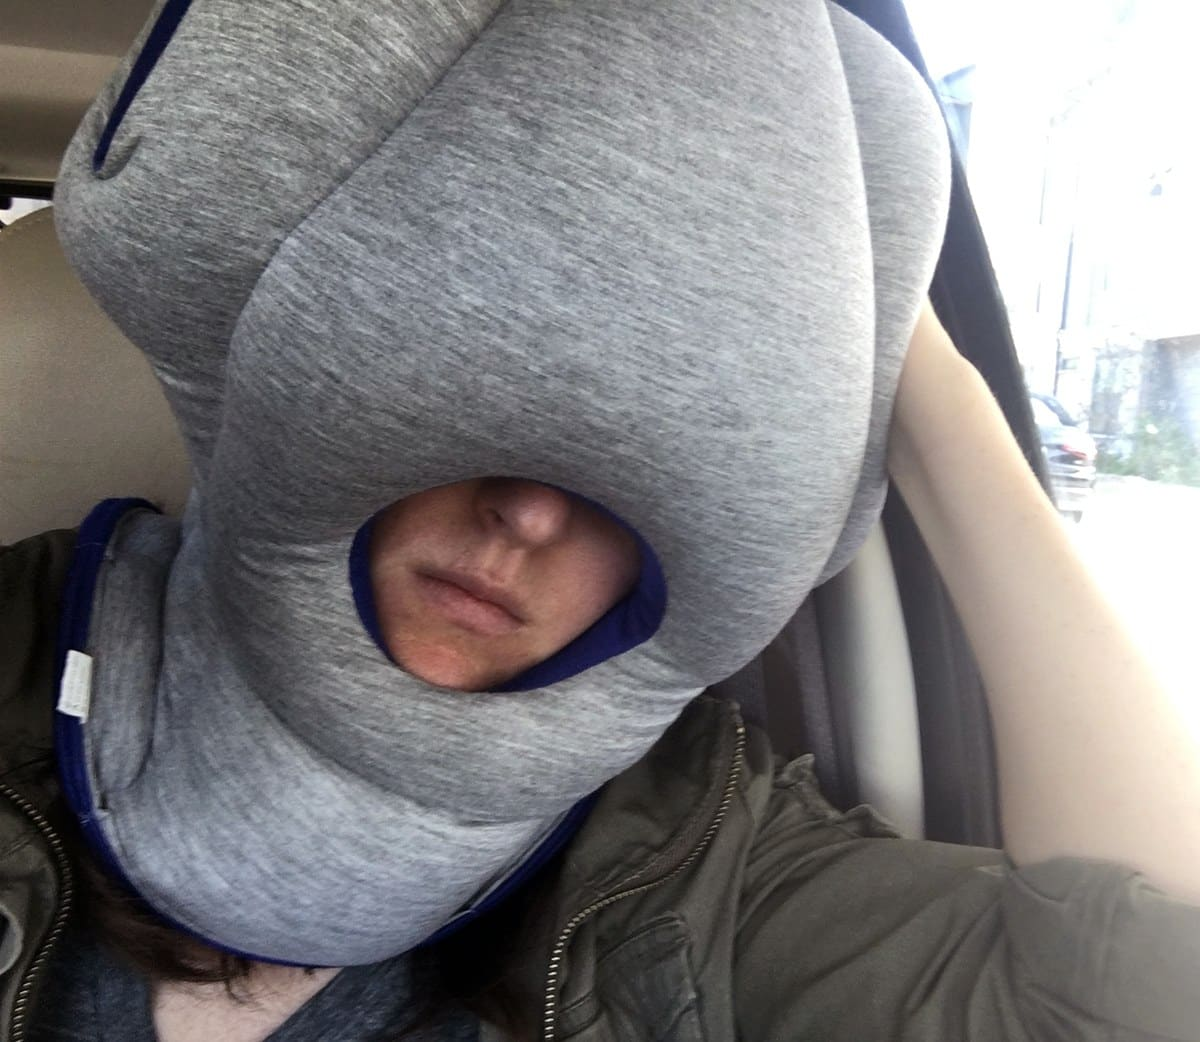 Ostrich Pillow Travel Pillow Review